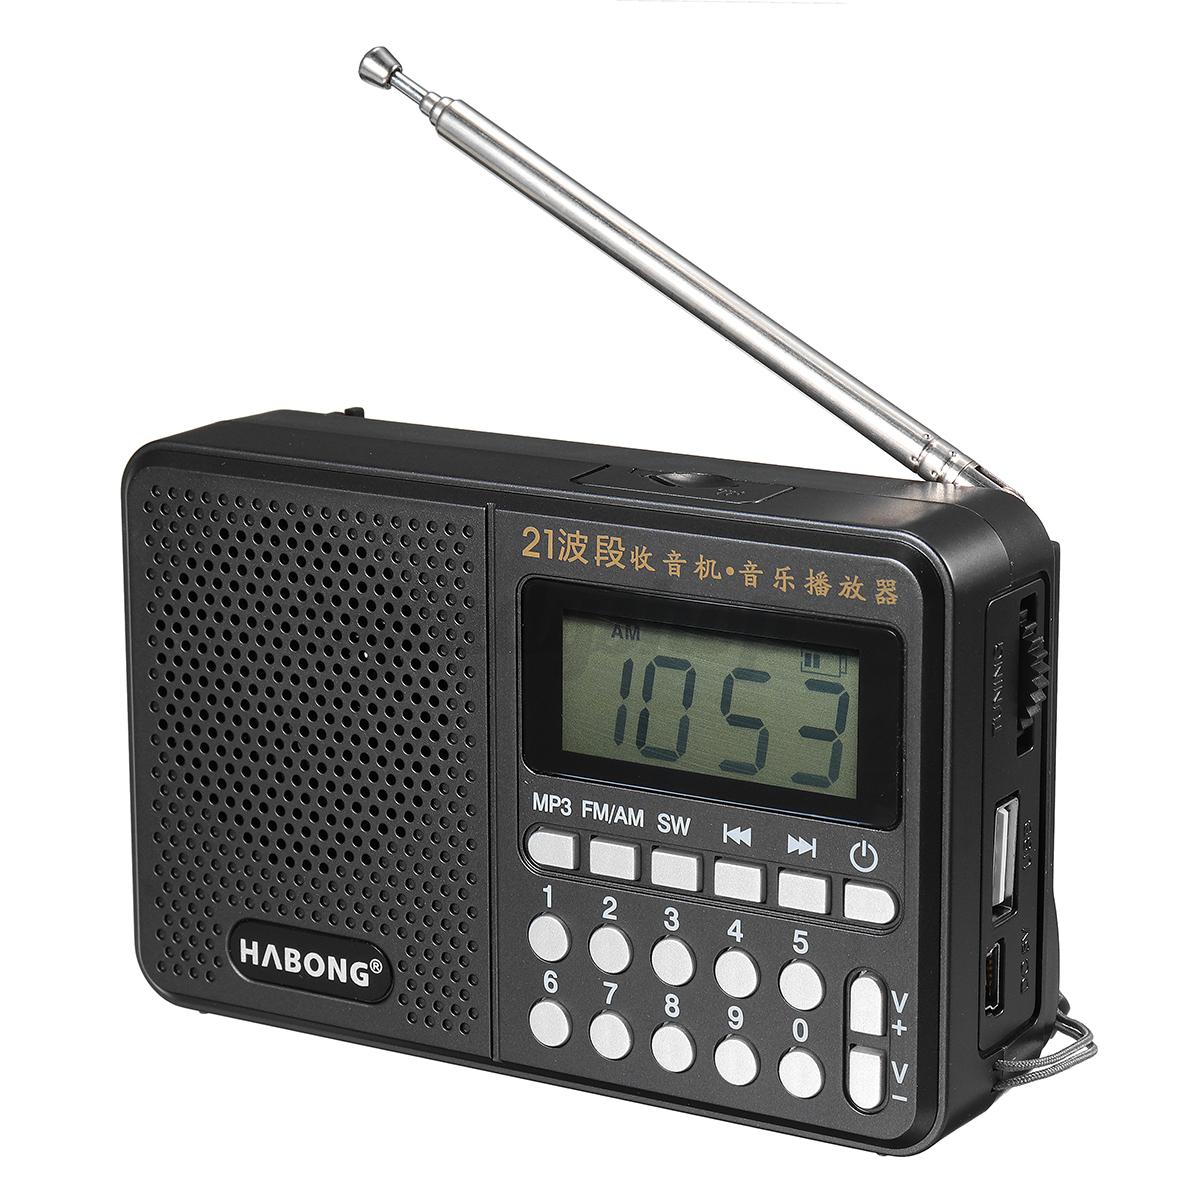 portable pocket radio handheld am fm sw digital mp3 player. Black Bedroom Furniture Sets. Home Design Ideas